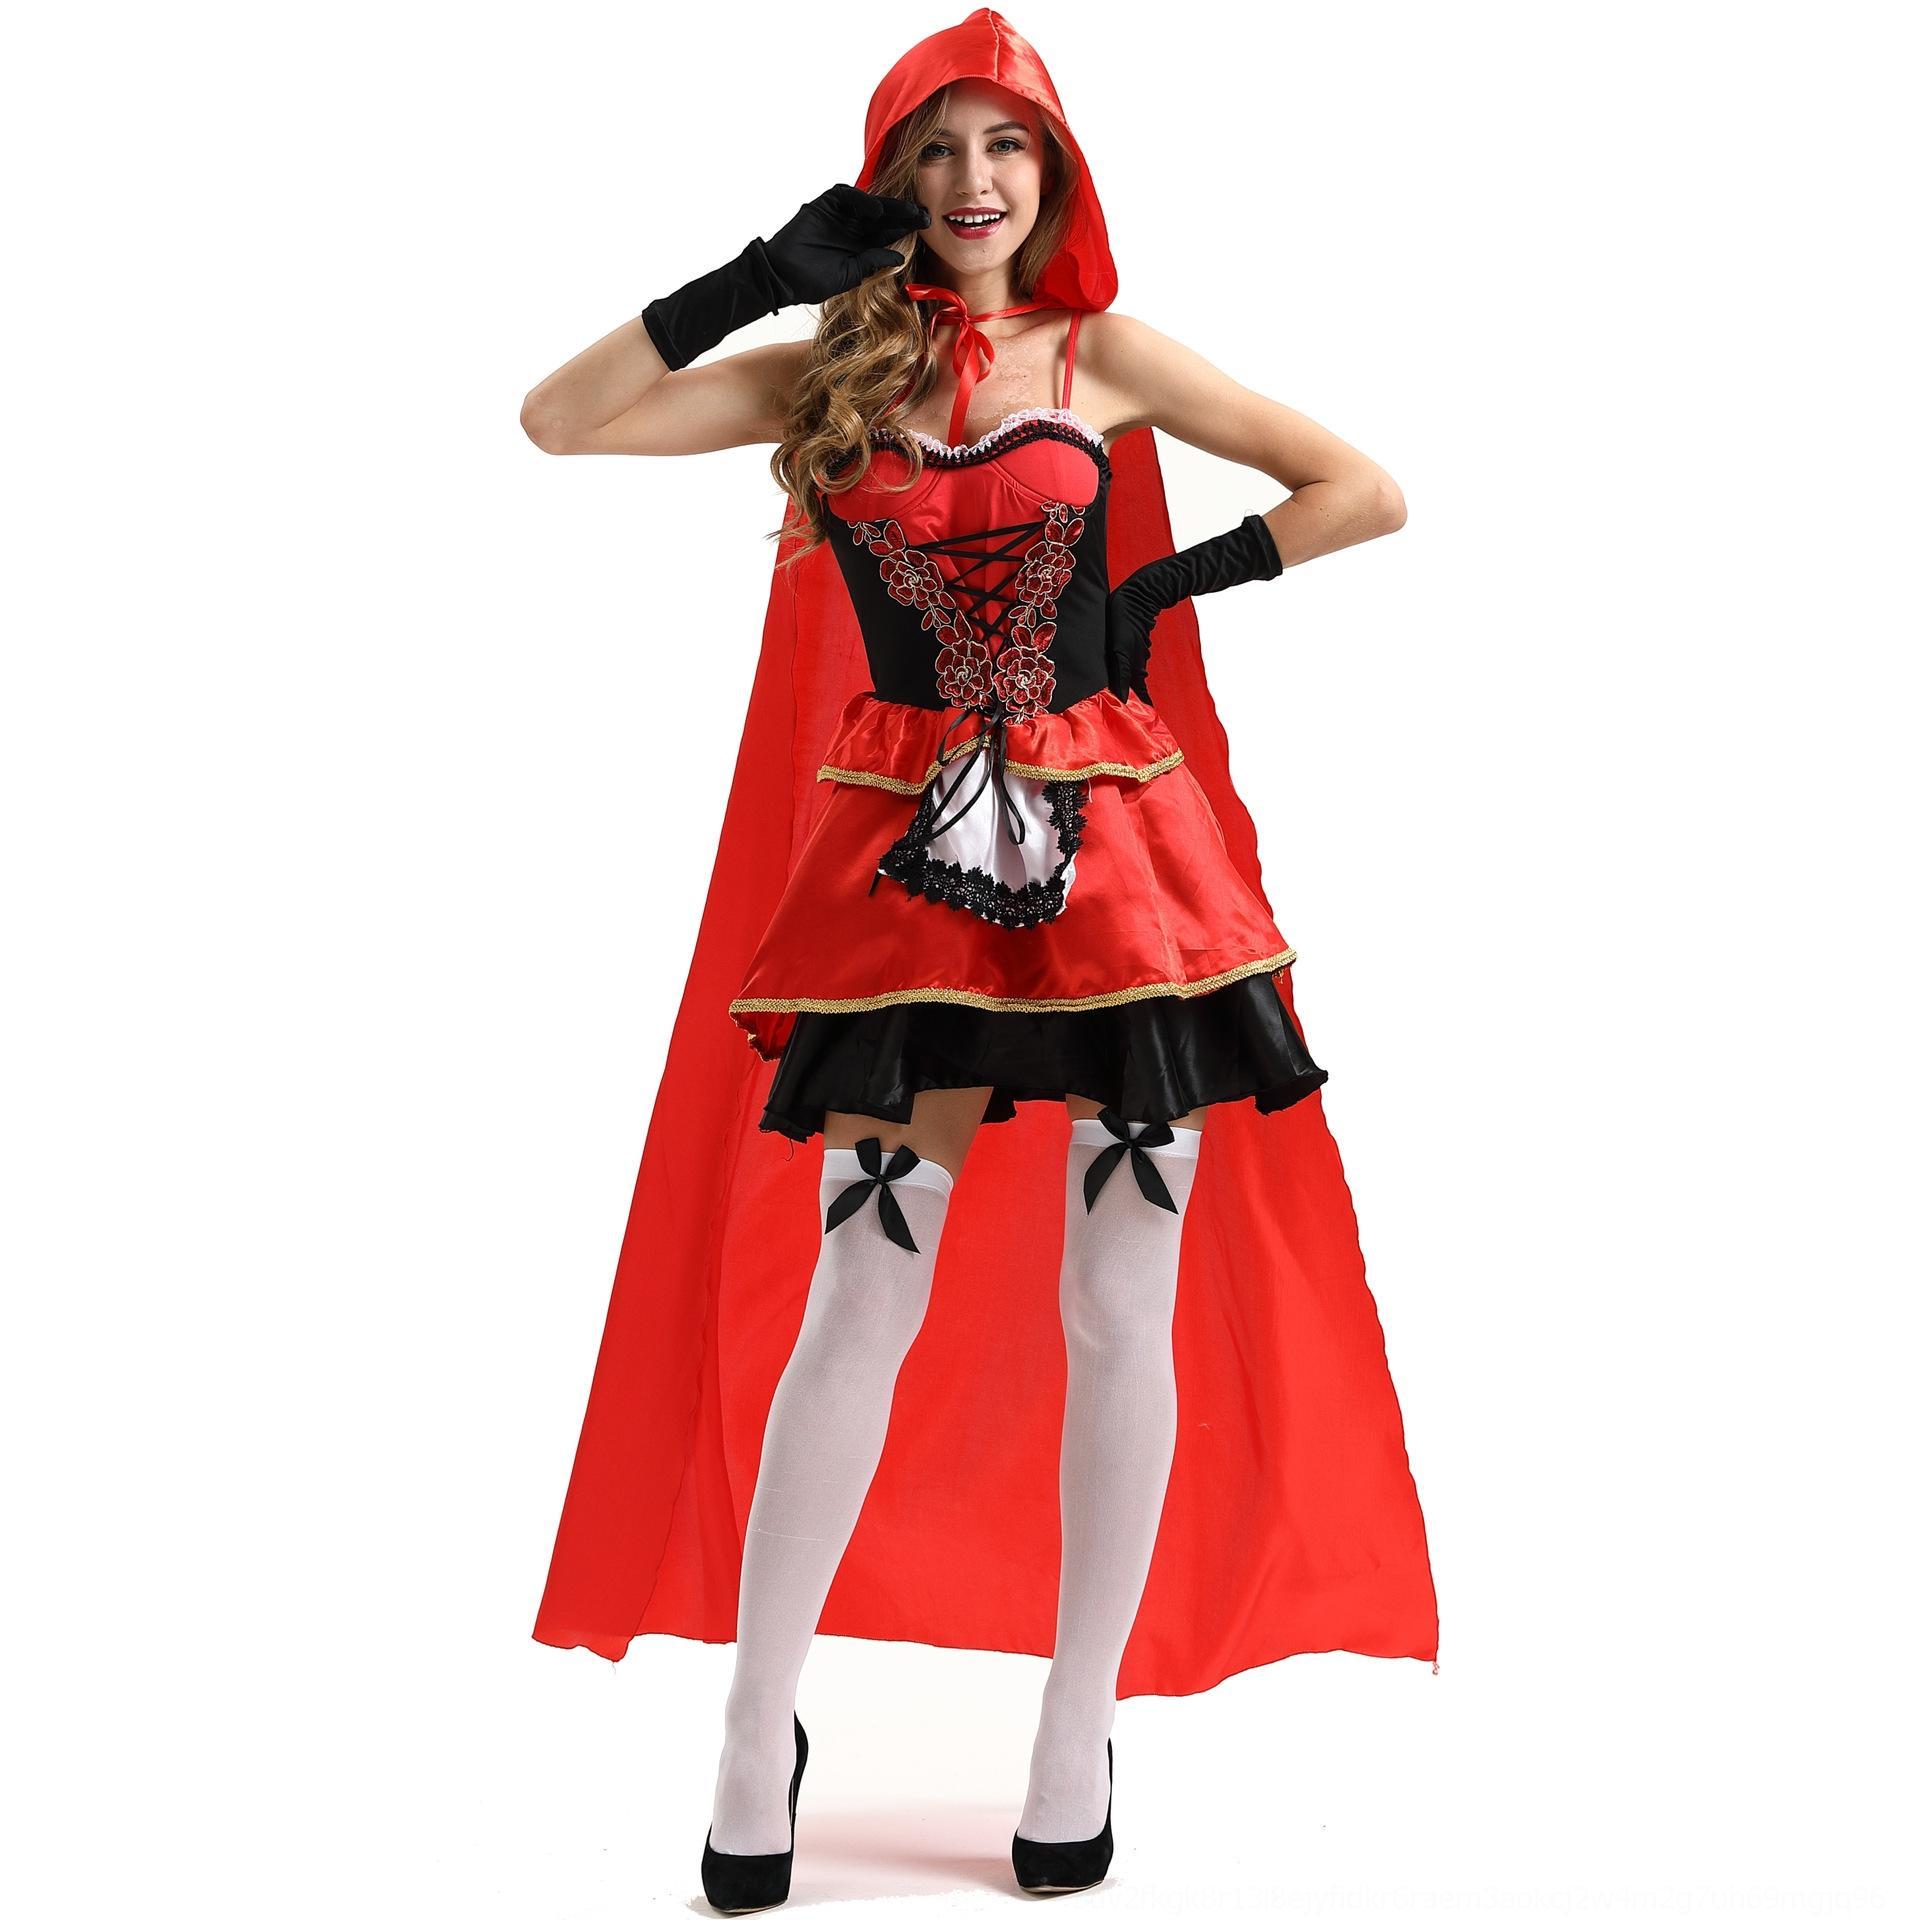 ELCAD Cappello XoBai Plus gioco uniforme Cosplay abbigliamento donna abbigliamento dimensioni Red Cloak Piccola Halloween sexy mantello costo regina Cappuccetto Rosso